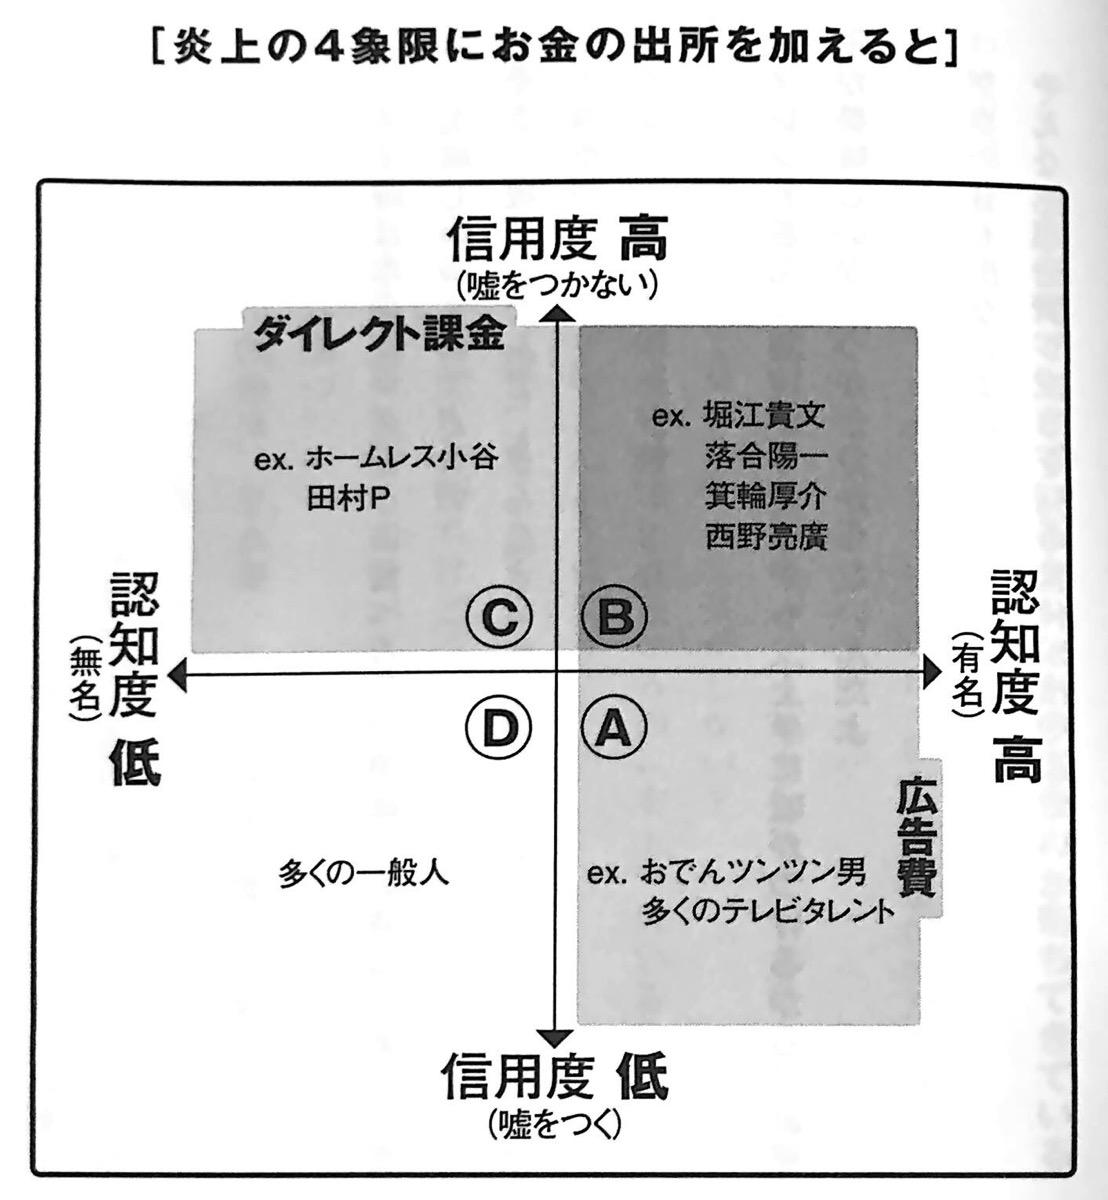 図2 炎上の4象限にお金の出所を加えると 新世界 第1章